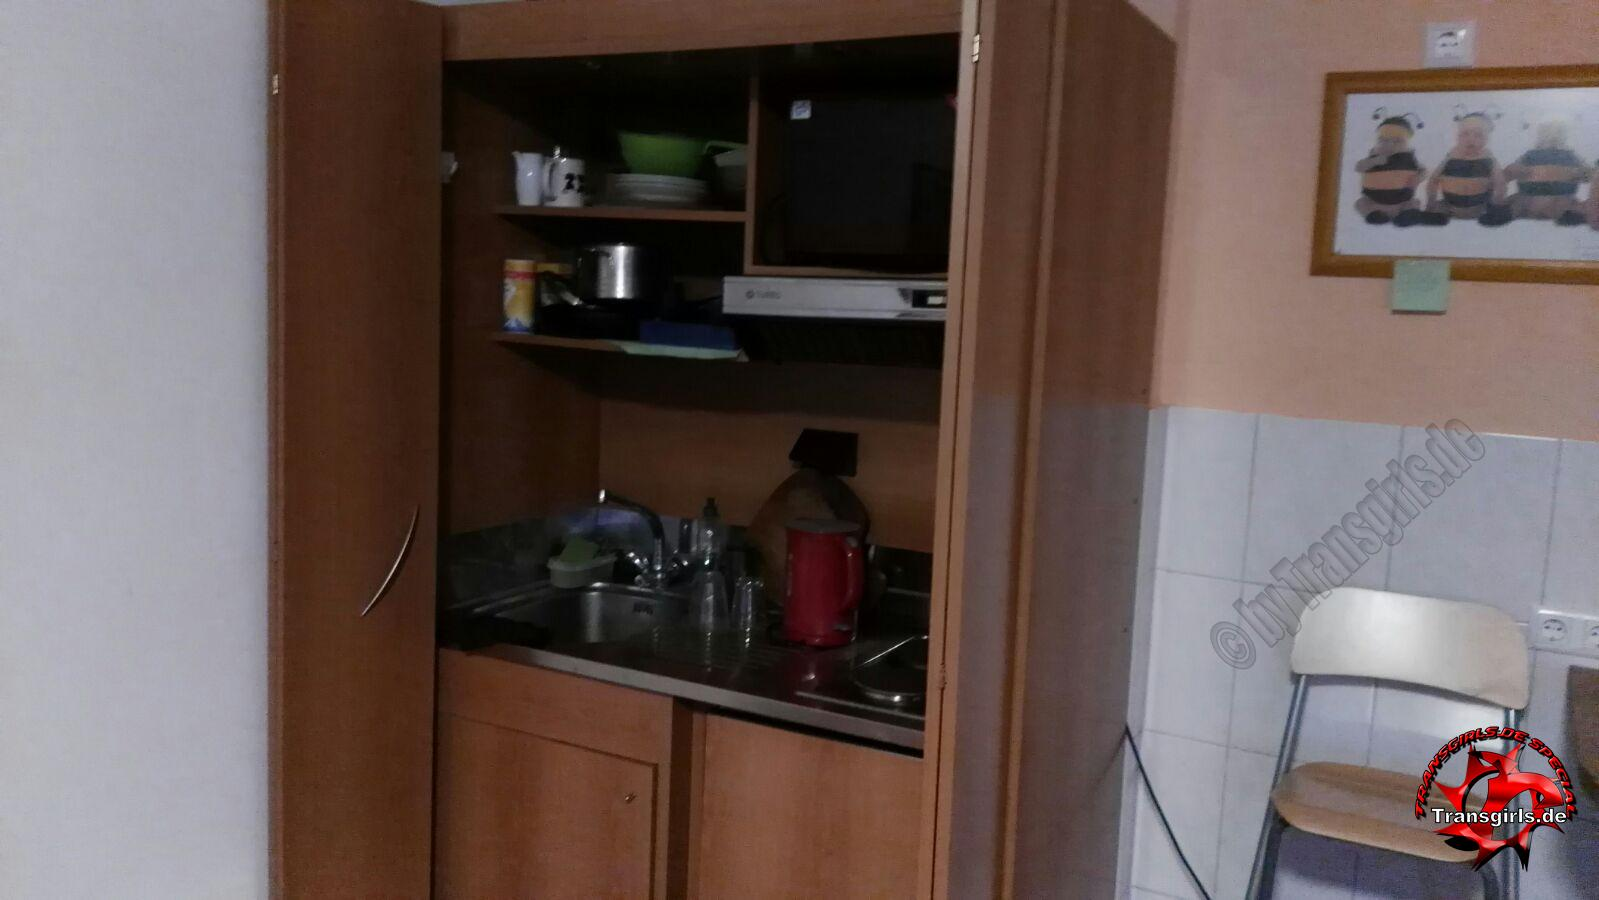 Foto Nr. 91802 von Shemale Trans Arbeitswohnungen